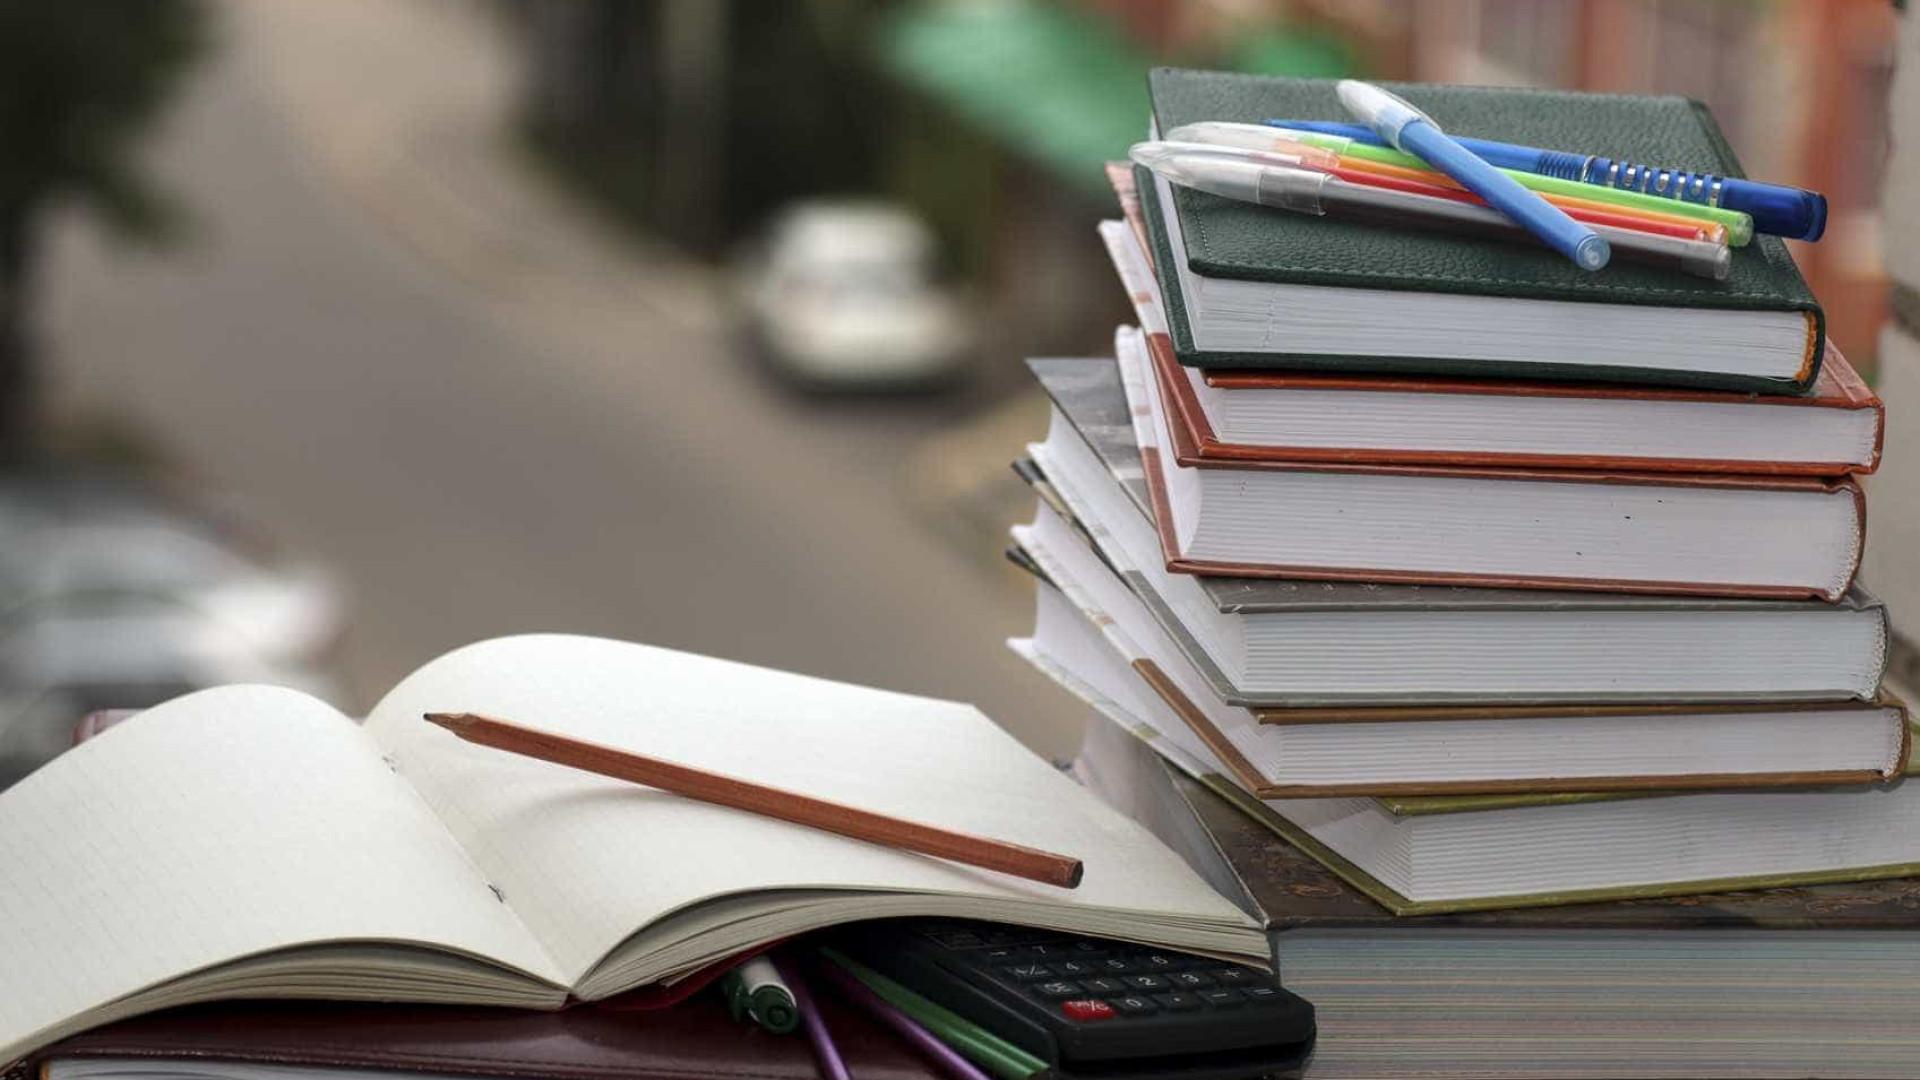 e1fa126f014 Menino de sete anos lança livro e dá dicas de português na net